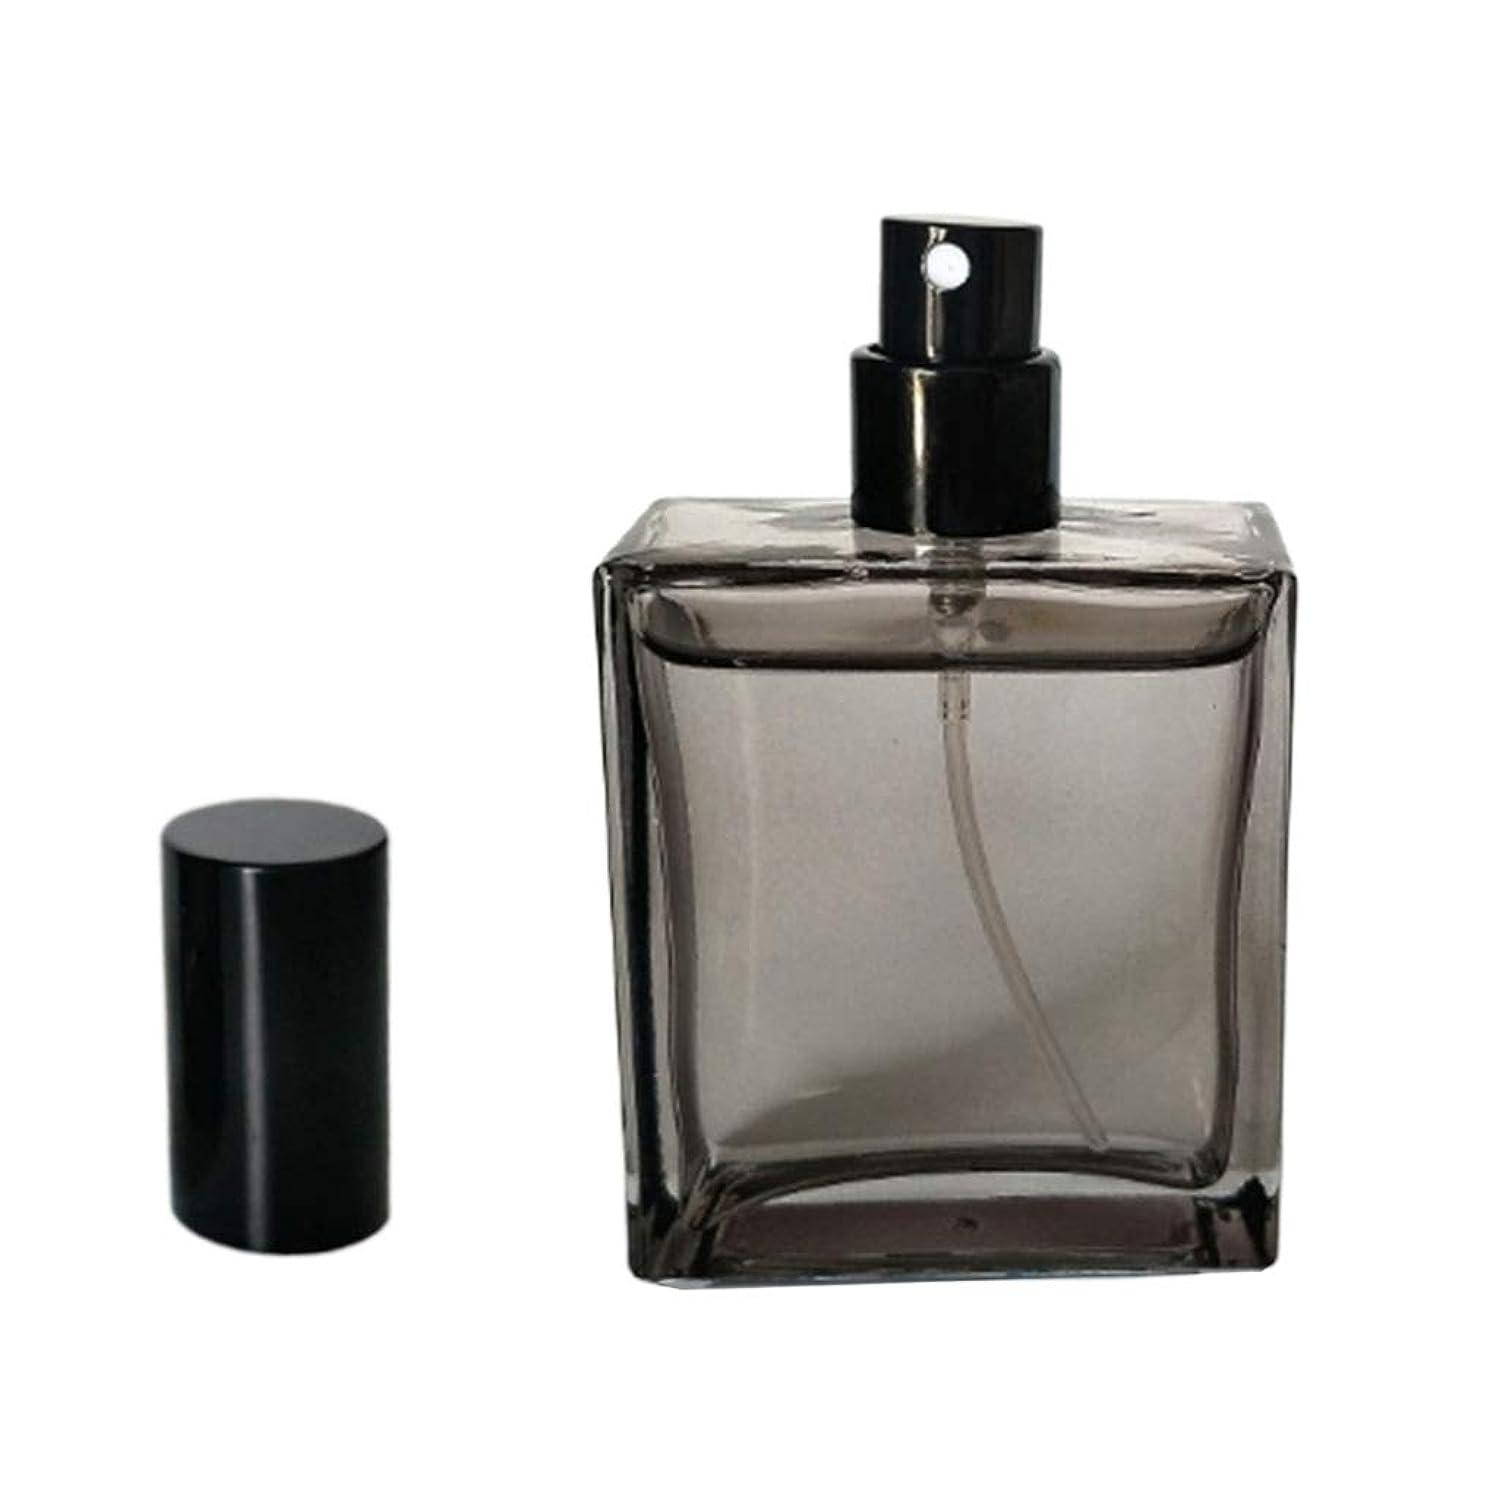 介入する花嫁個性Toygogo 香水アトマイザー スプレーボトル ガラスボトル 詰め替え ポンプボトル バスルーム オフィス インテリア